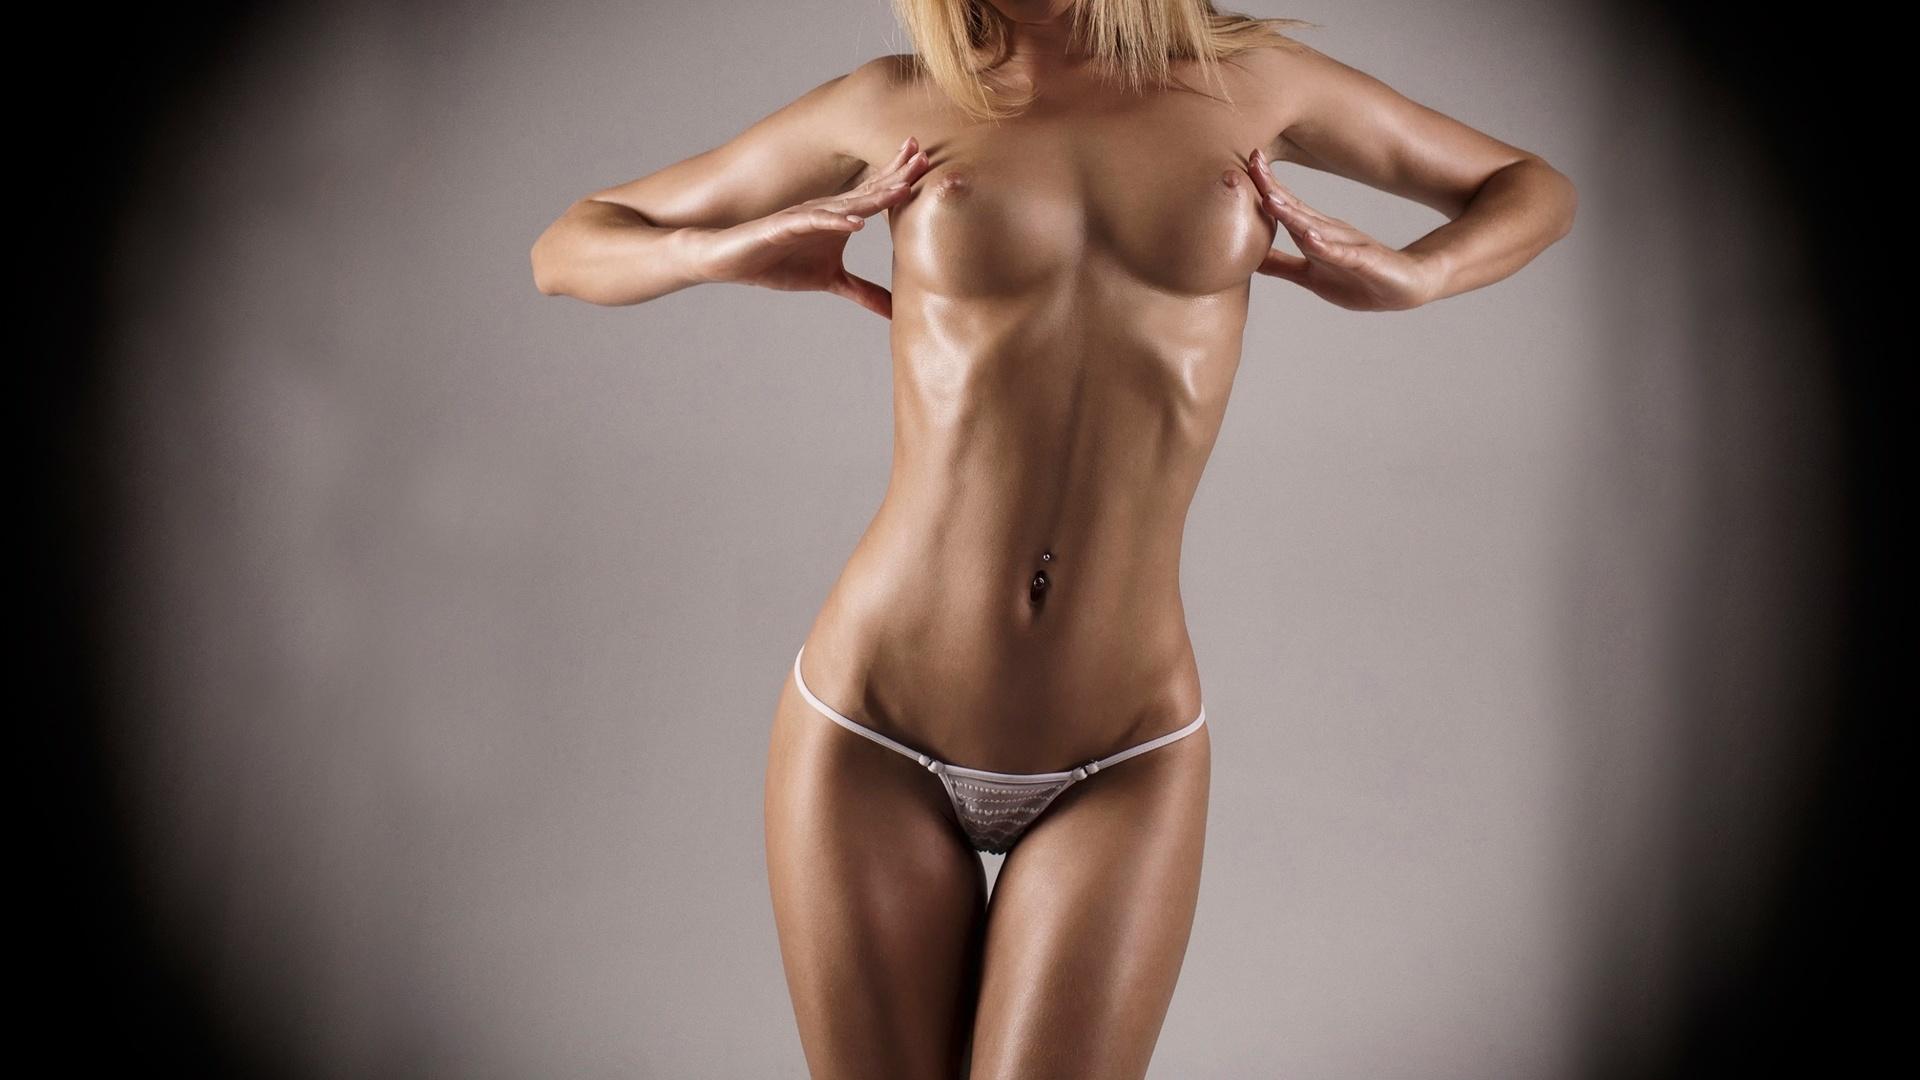 Спортивные красивые девушки голые фото 15 фотография